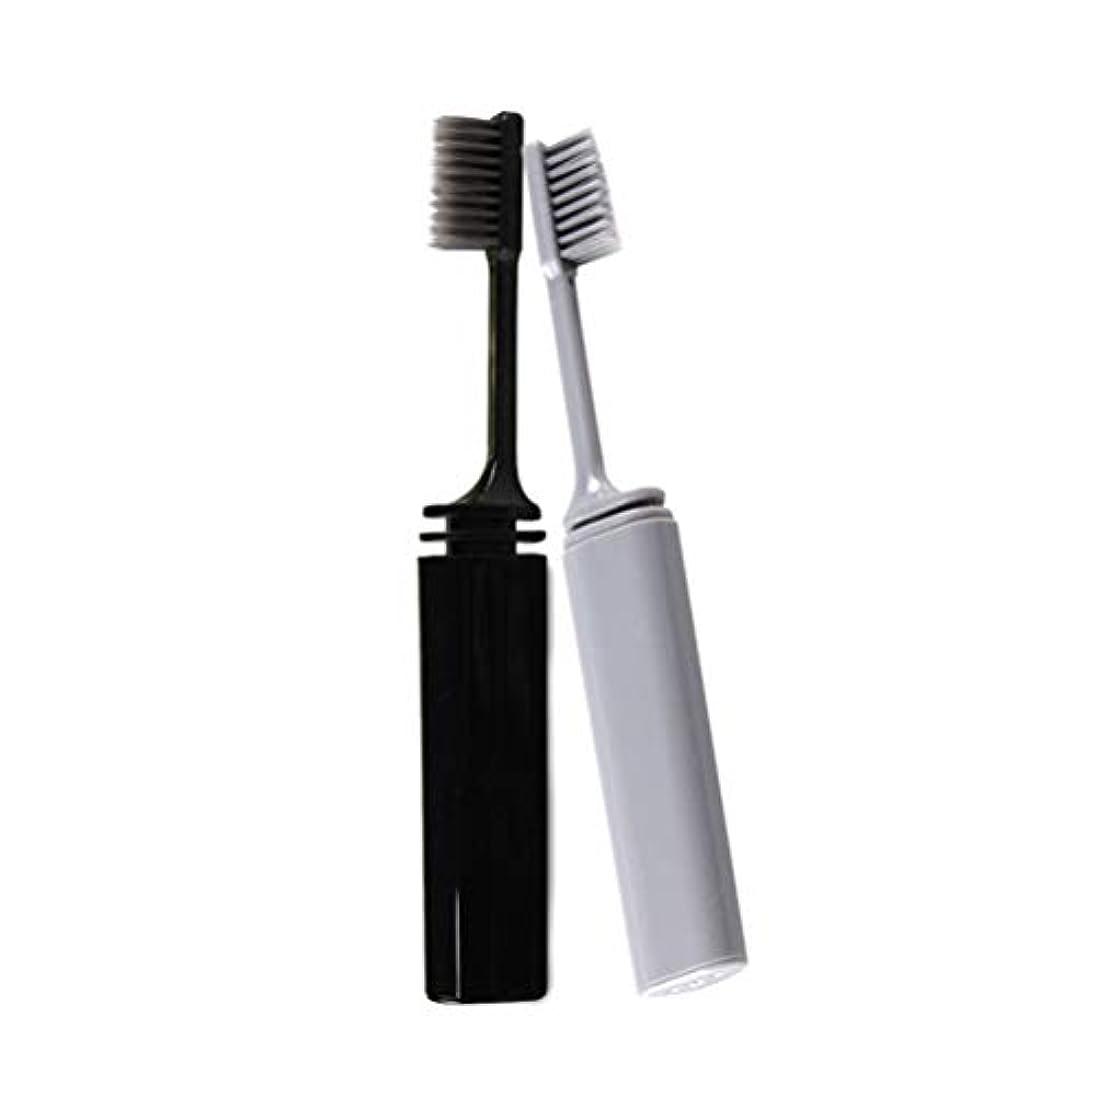 資源。処分したHealifty 2ピースポータブル旅行歯ブラシ折りたたみ竹炭剛毛歯ブラシ用オフィスホームホテルゲスト